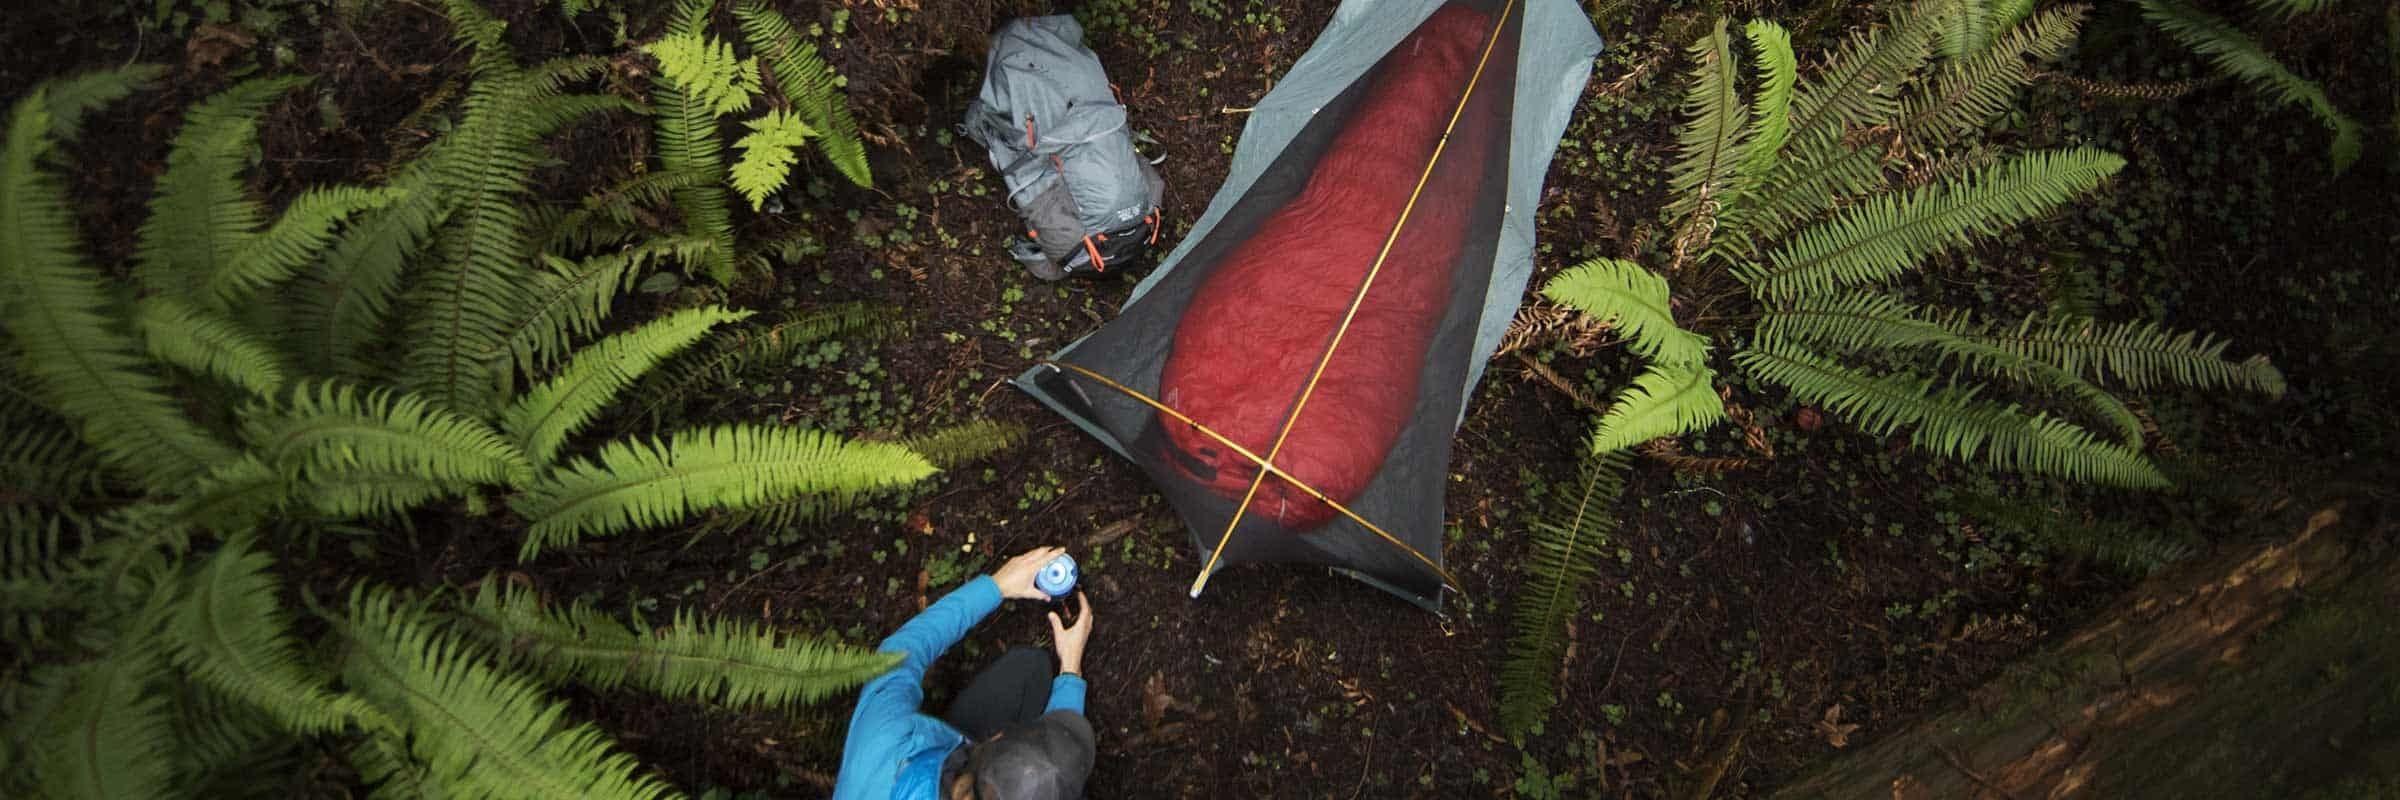 Big Agnes, Camping, Marmot, Mountain Hardwear, NEMO Equipment, The North Face. Les meilleurs sacs de couchage pour un séjour de camping mémorable